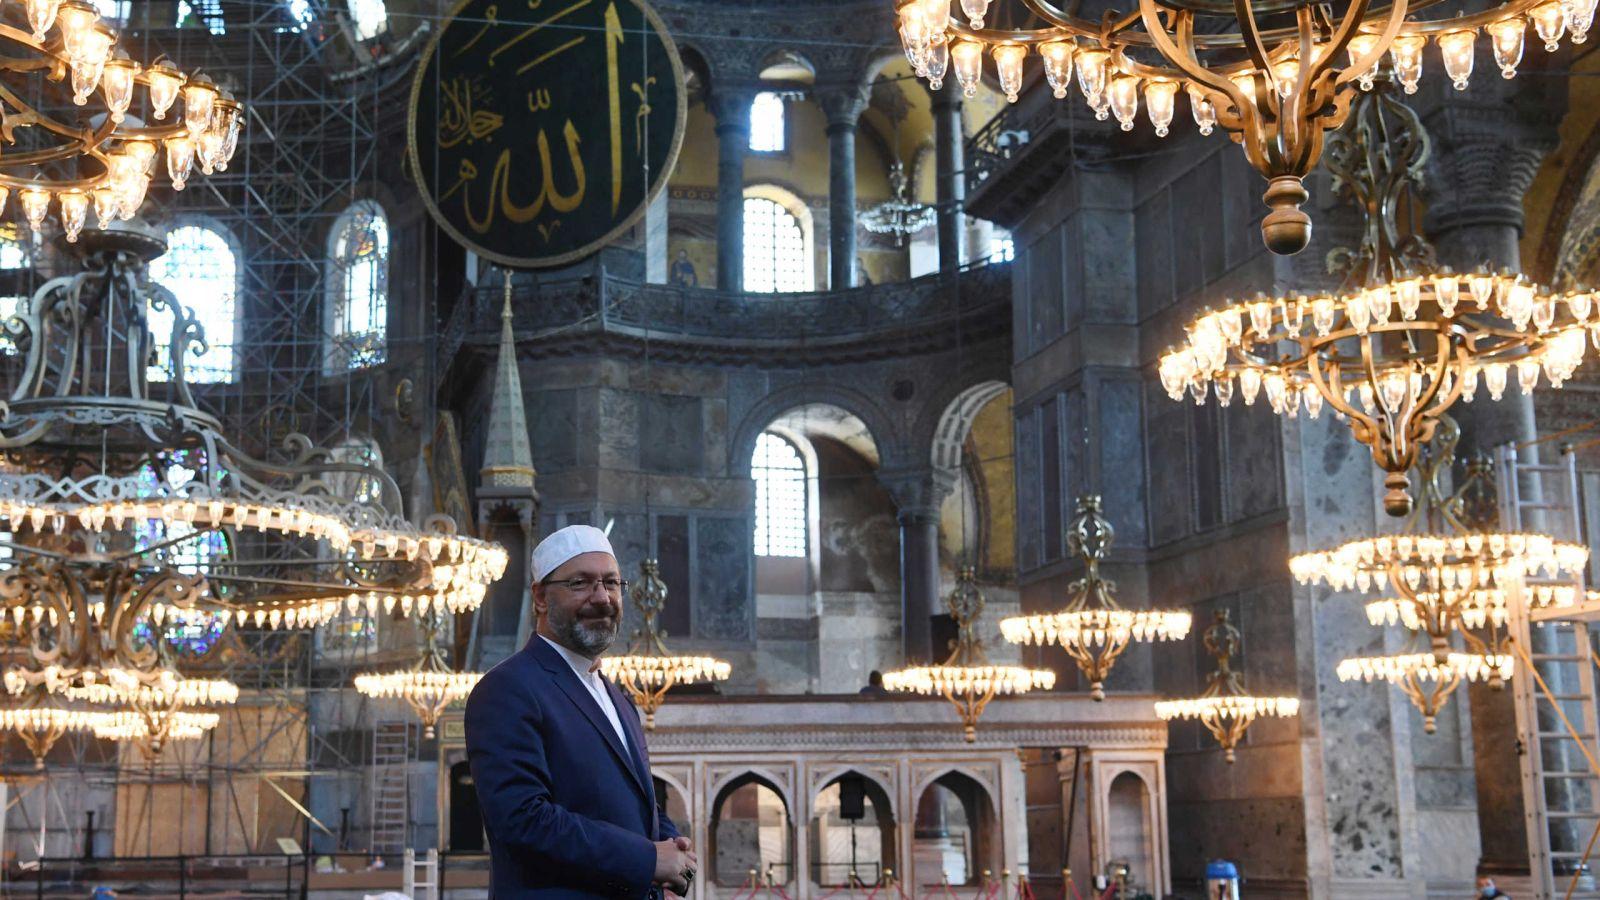 Αγία Σοφία: Η αντίστροφη μέτρηση για την πρώτη μουσουλμανική προσευχή [vid]